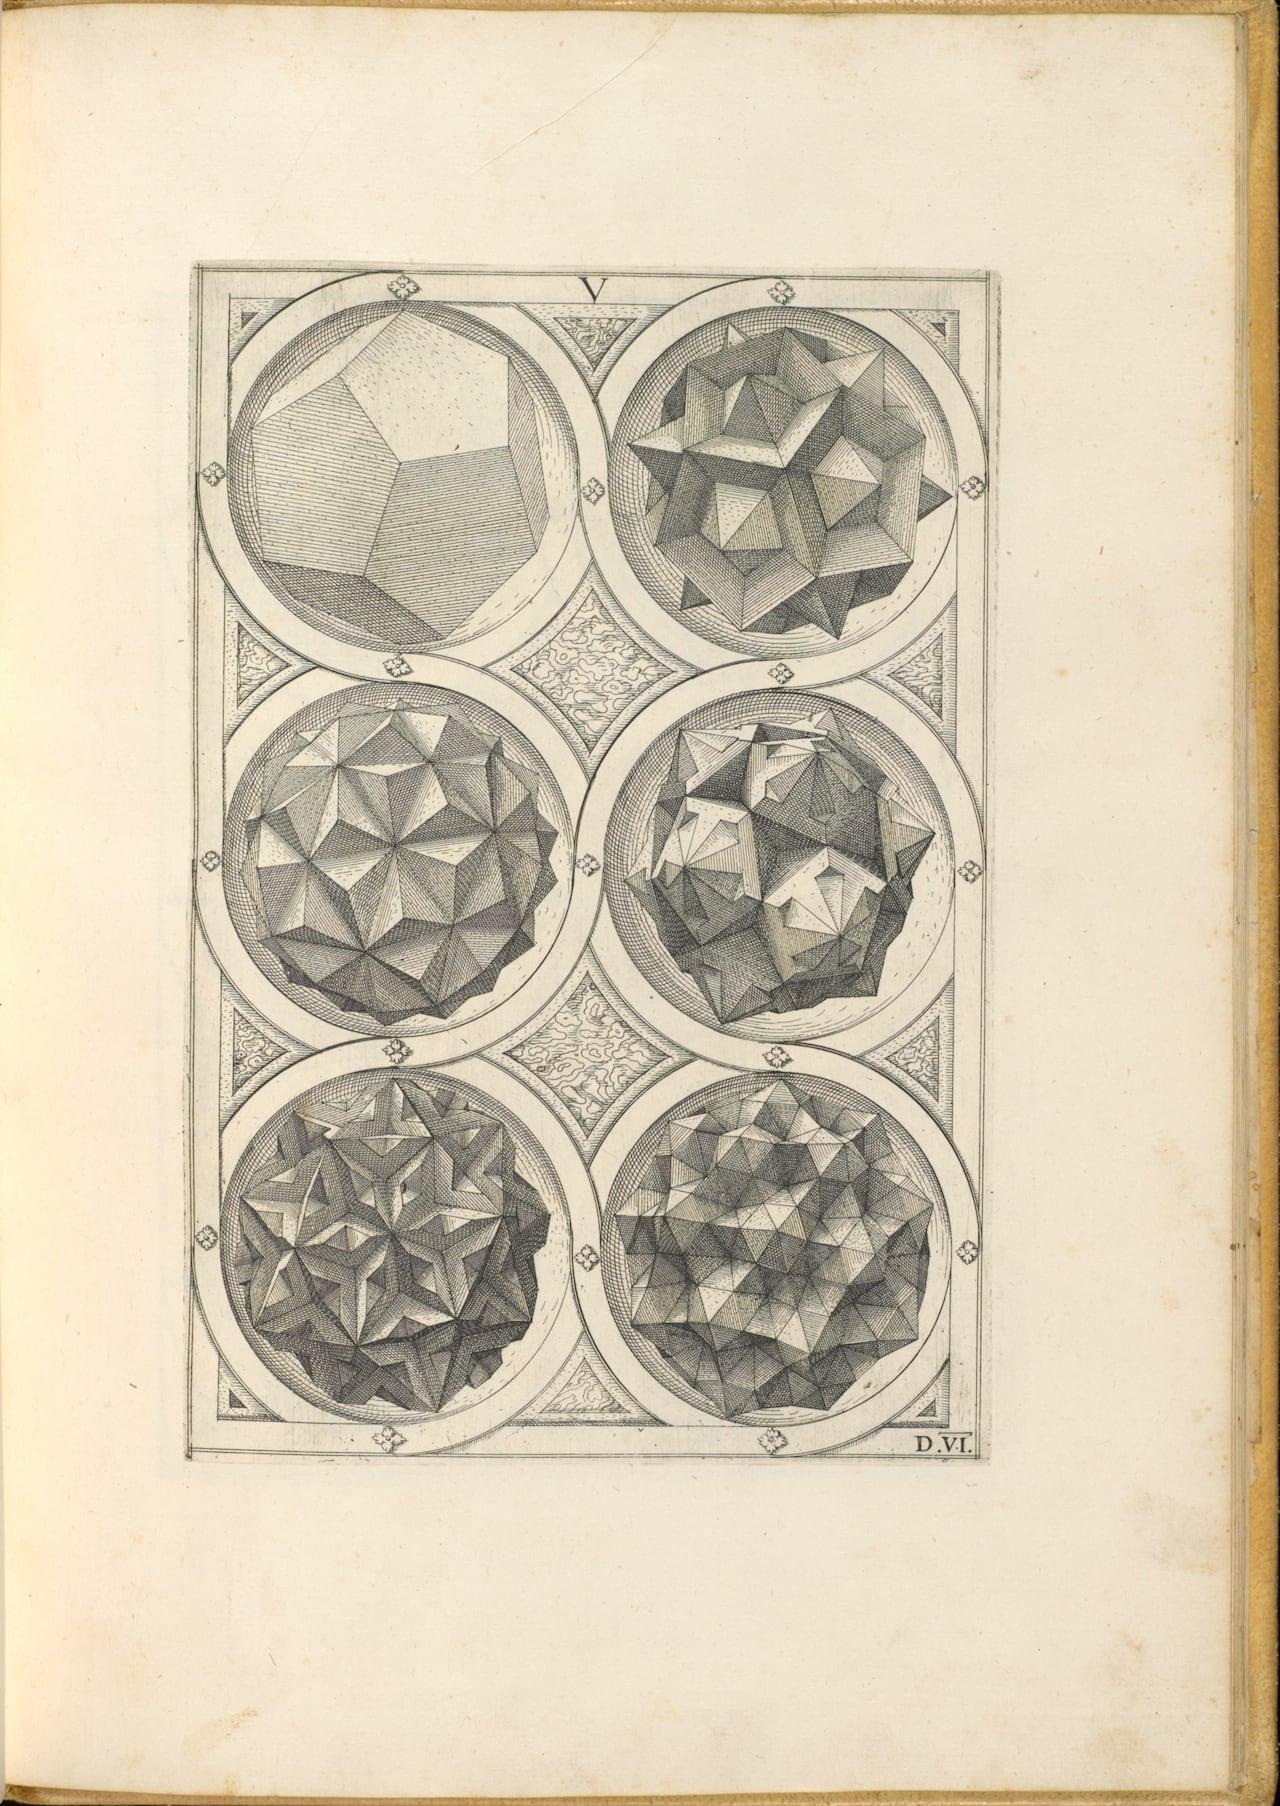 Page from Wenzel Jamnitzer's 'Perspectiva corporum regularium'